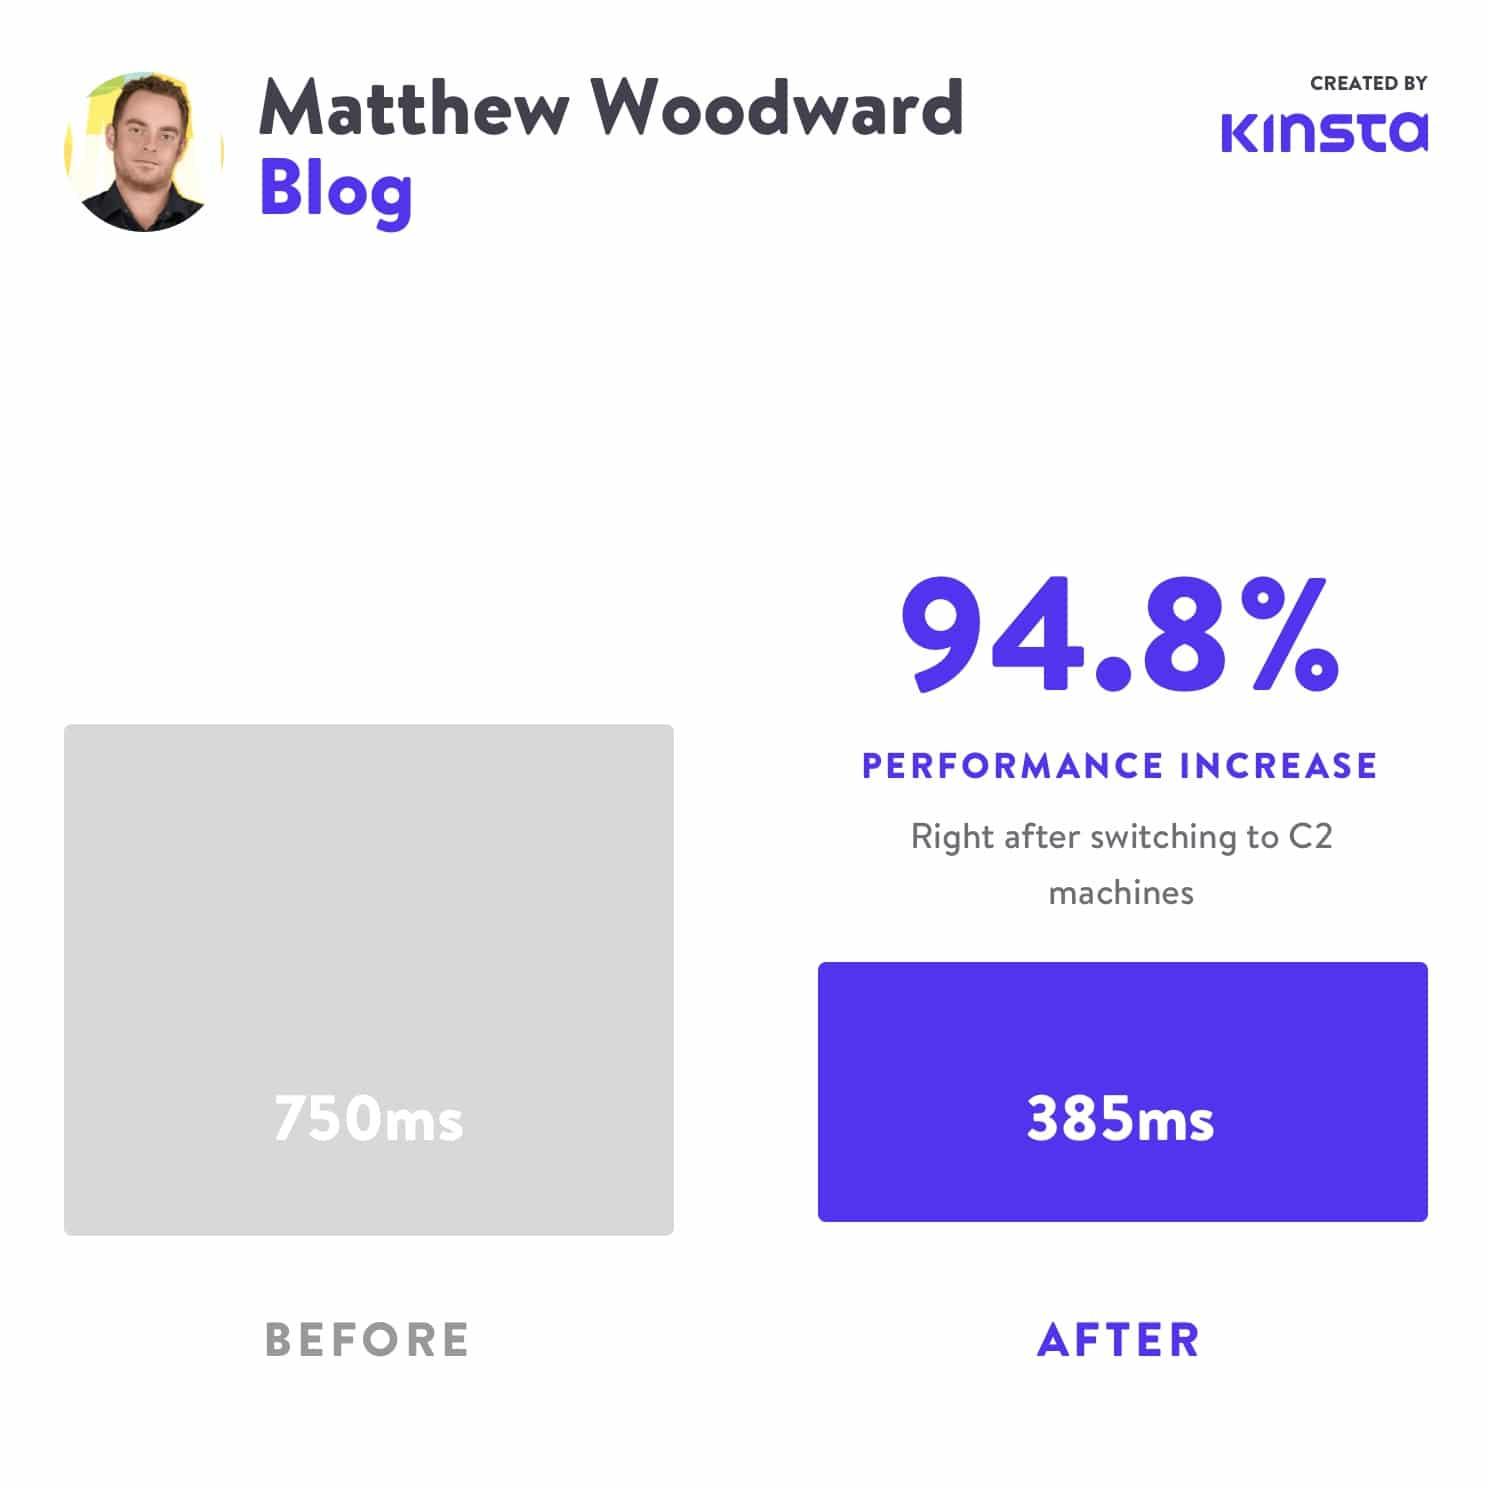 Matthew Woodward a vu ses performances augmenter de 94,8 % après être passé sur C2.